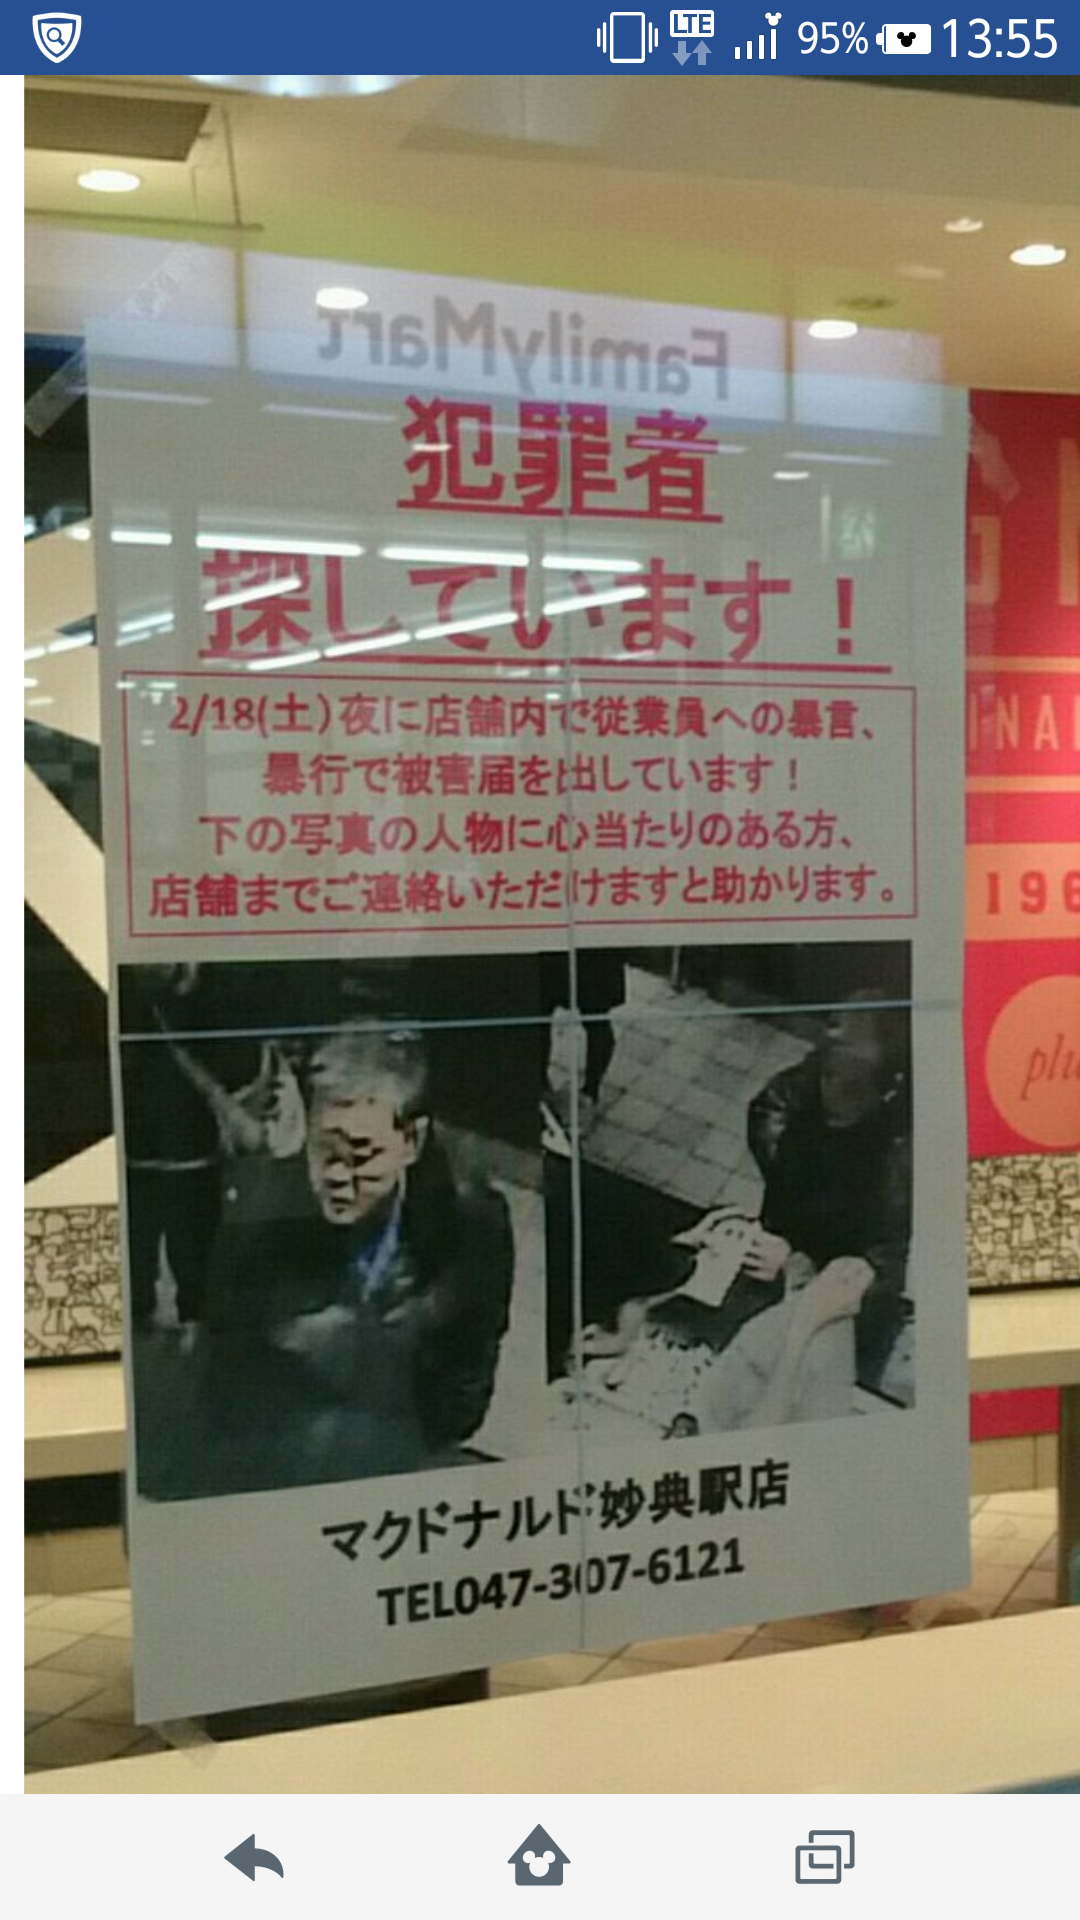 「犯罪者探しています」写真貼り出し 今度はマクドナルド 店員への暴言・暴行で